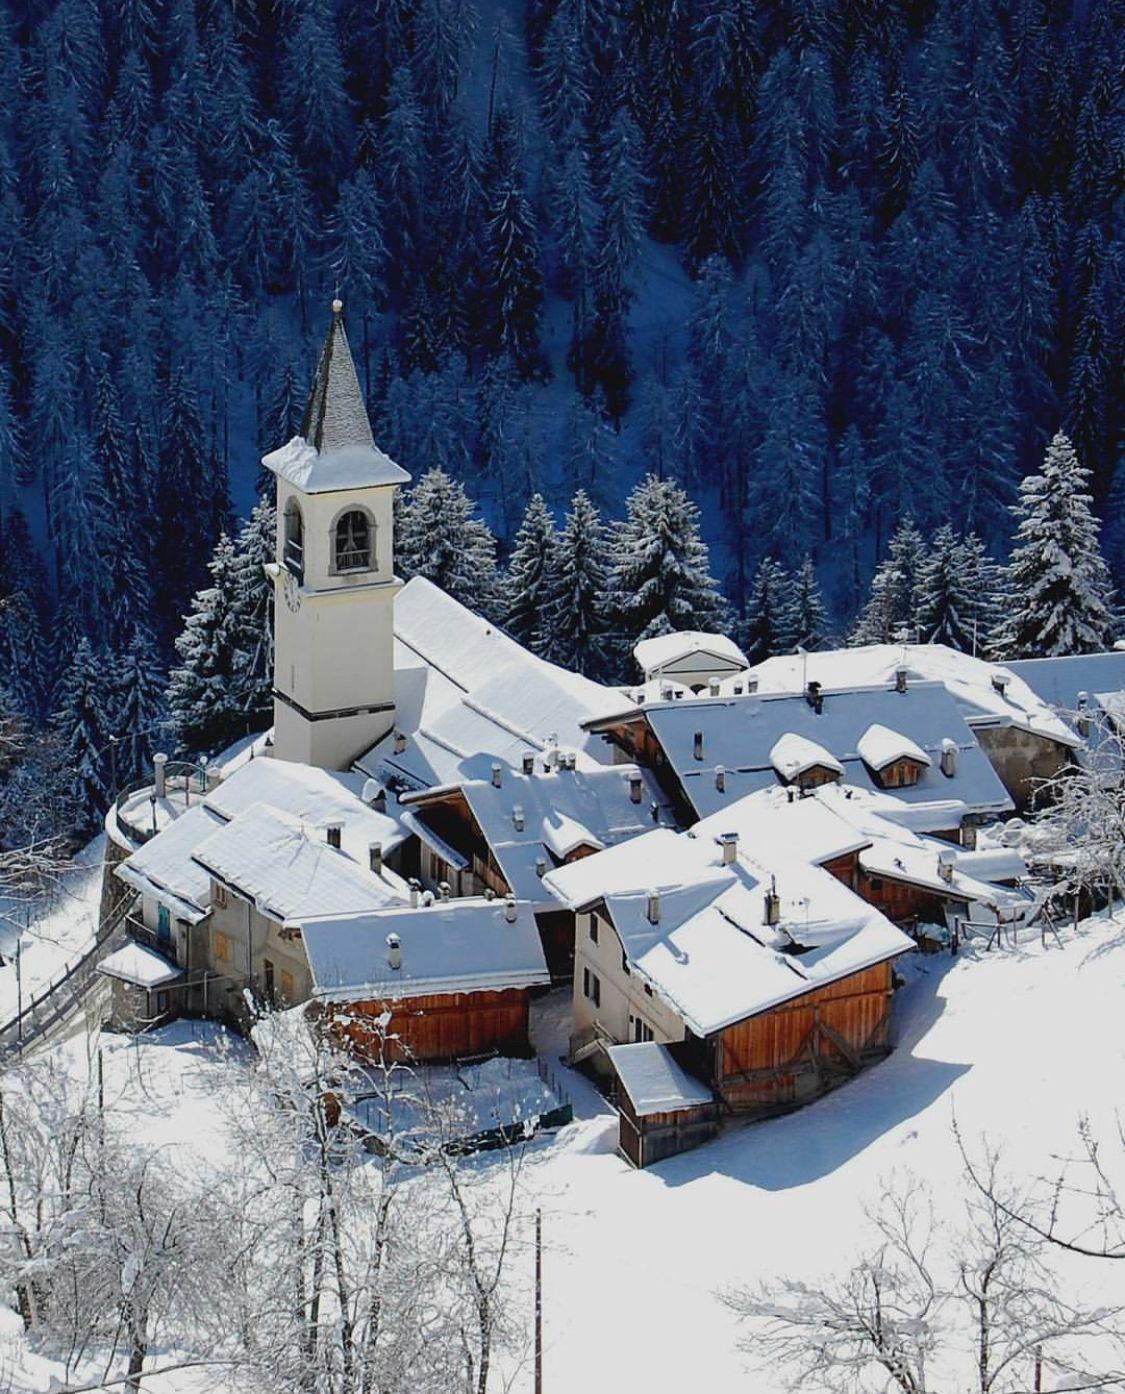 trentino alto adige in inverno-Val di Rabbi